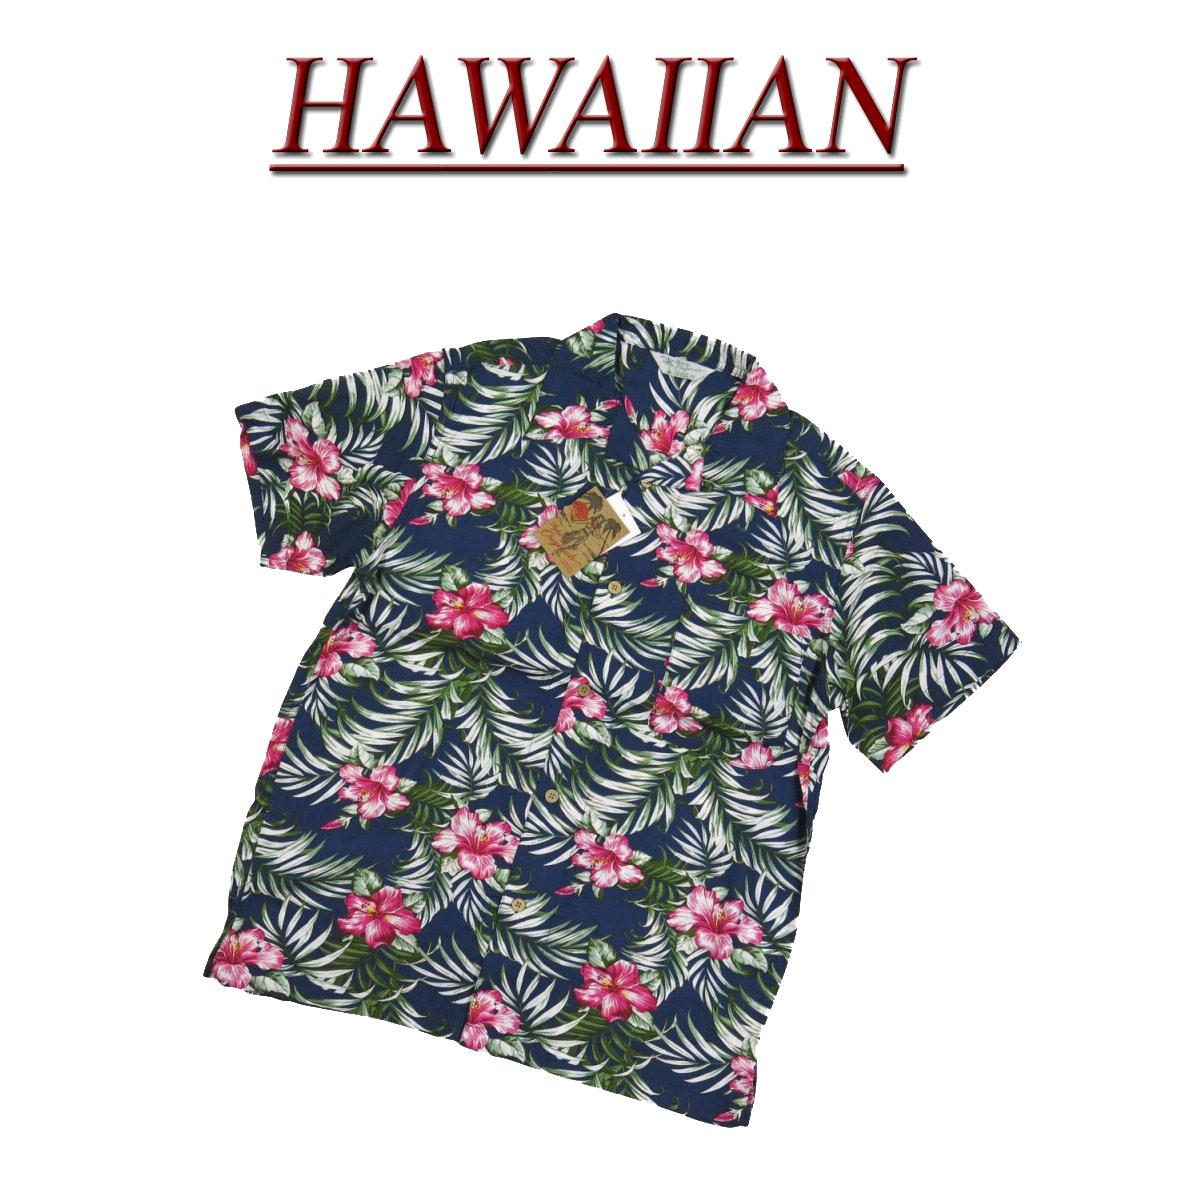 【7サイズ】 wu449 新品 ハイビスカス 花柄 半袖 レーヨン100% アロハシャツ メンズ アロハ ハワイアンシャツ 【smtb-kd】 (ビッグサイズあります!)